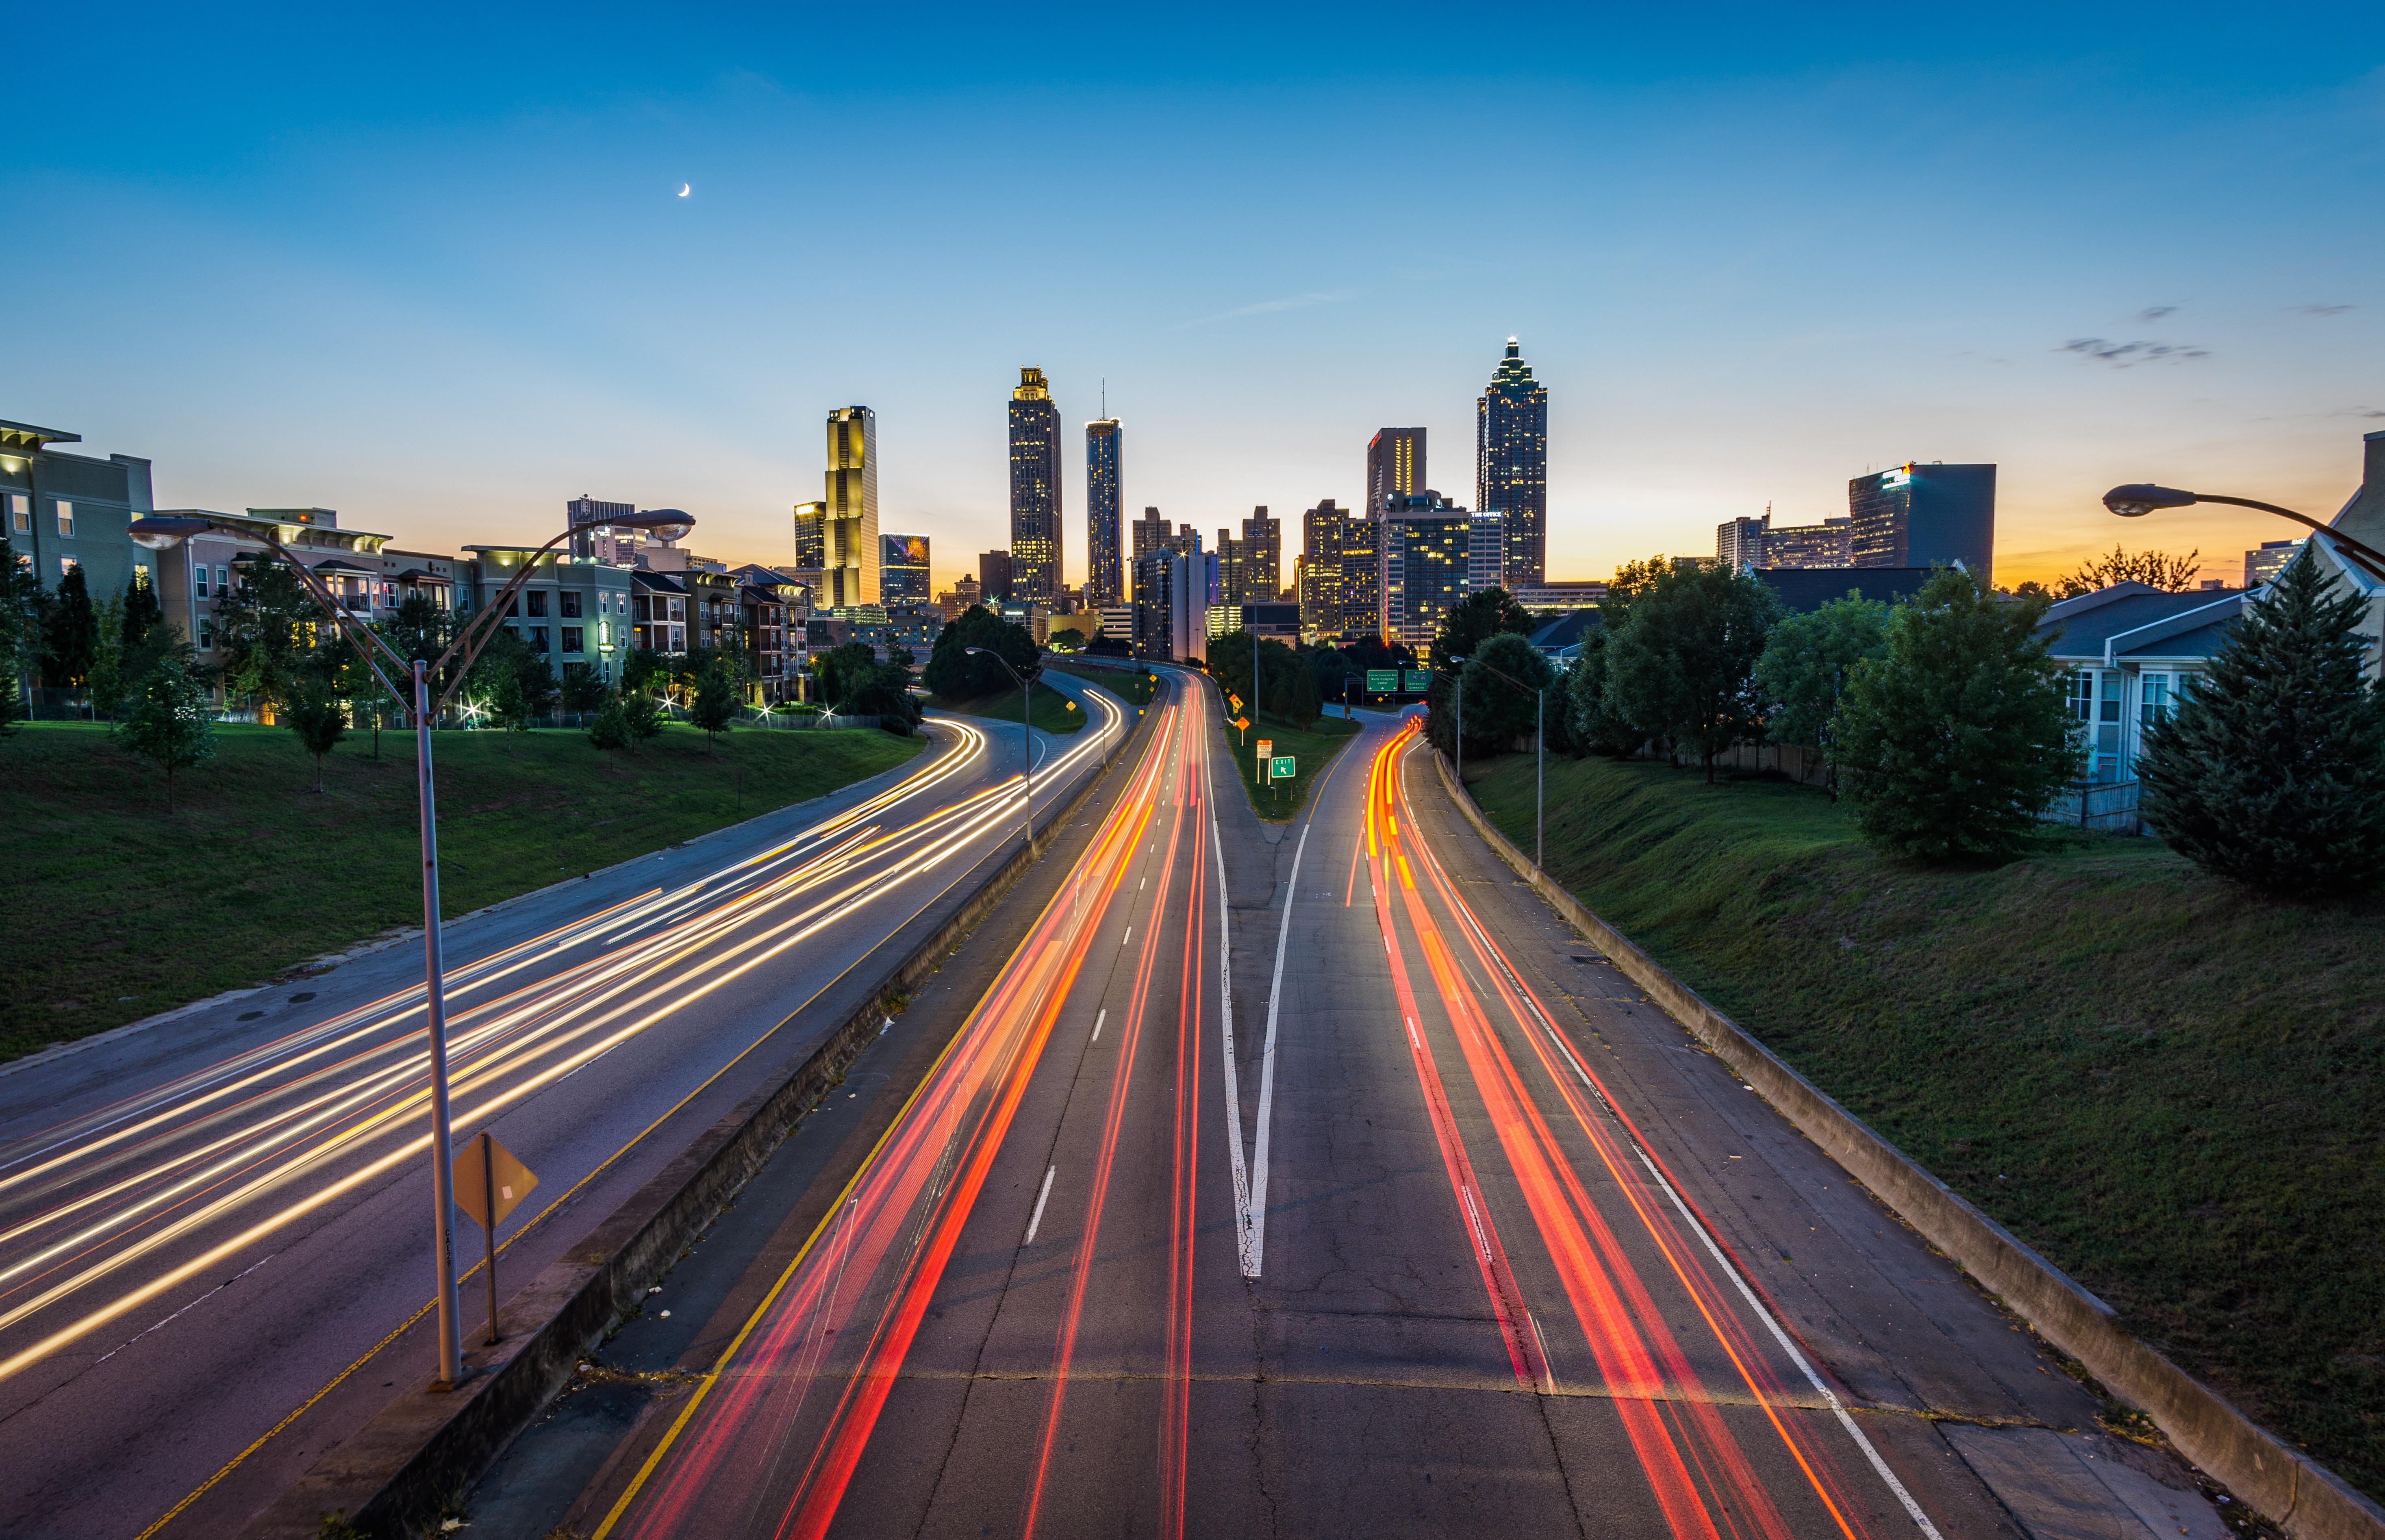 Lighted Park Centennial from Atlanta Wallpaper Download